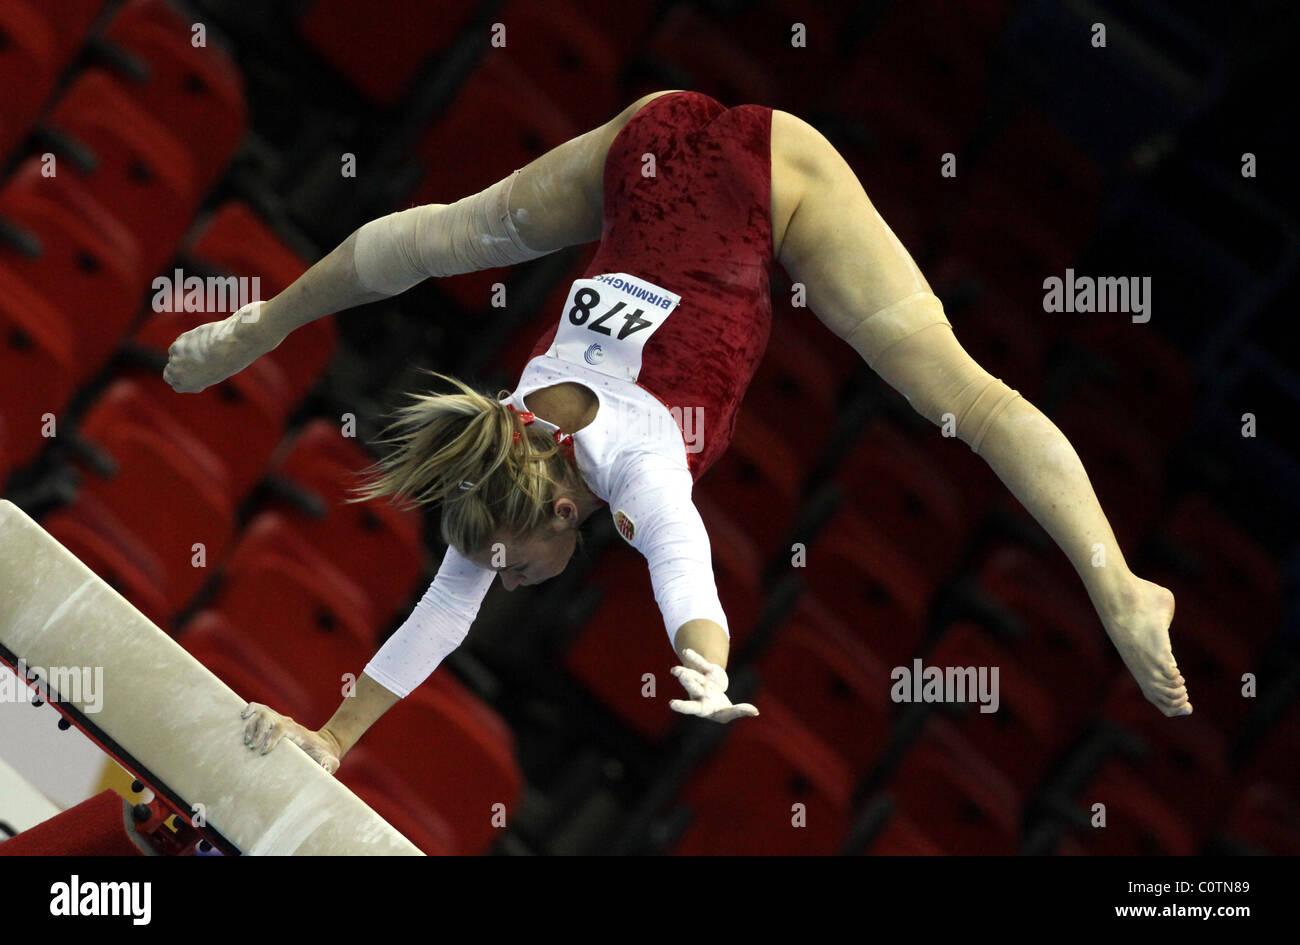 Gimnasta femenino realiza un pino usando sólo un brazo en la viga, en una competencia de gimnasia Imagen De Stock